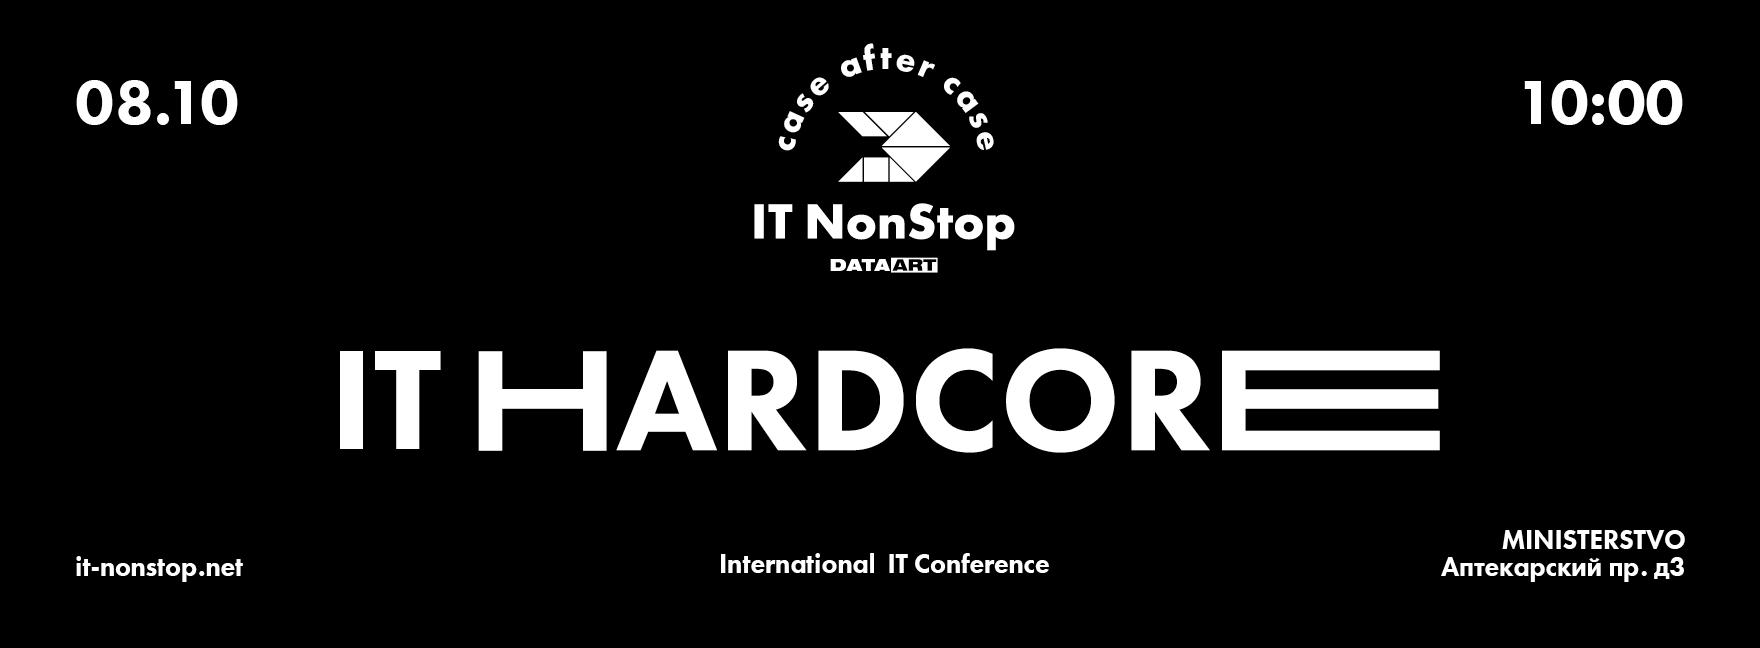 IT-хардкор: конференция о самых сложных ситуациях и проектах - 1